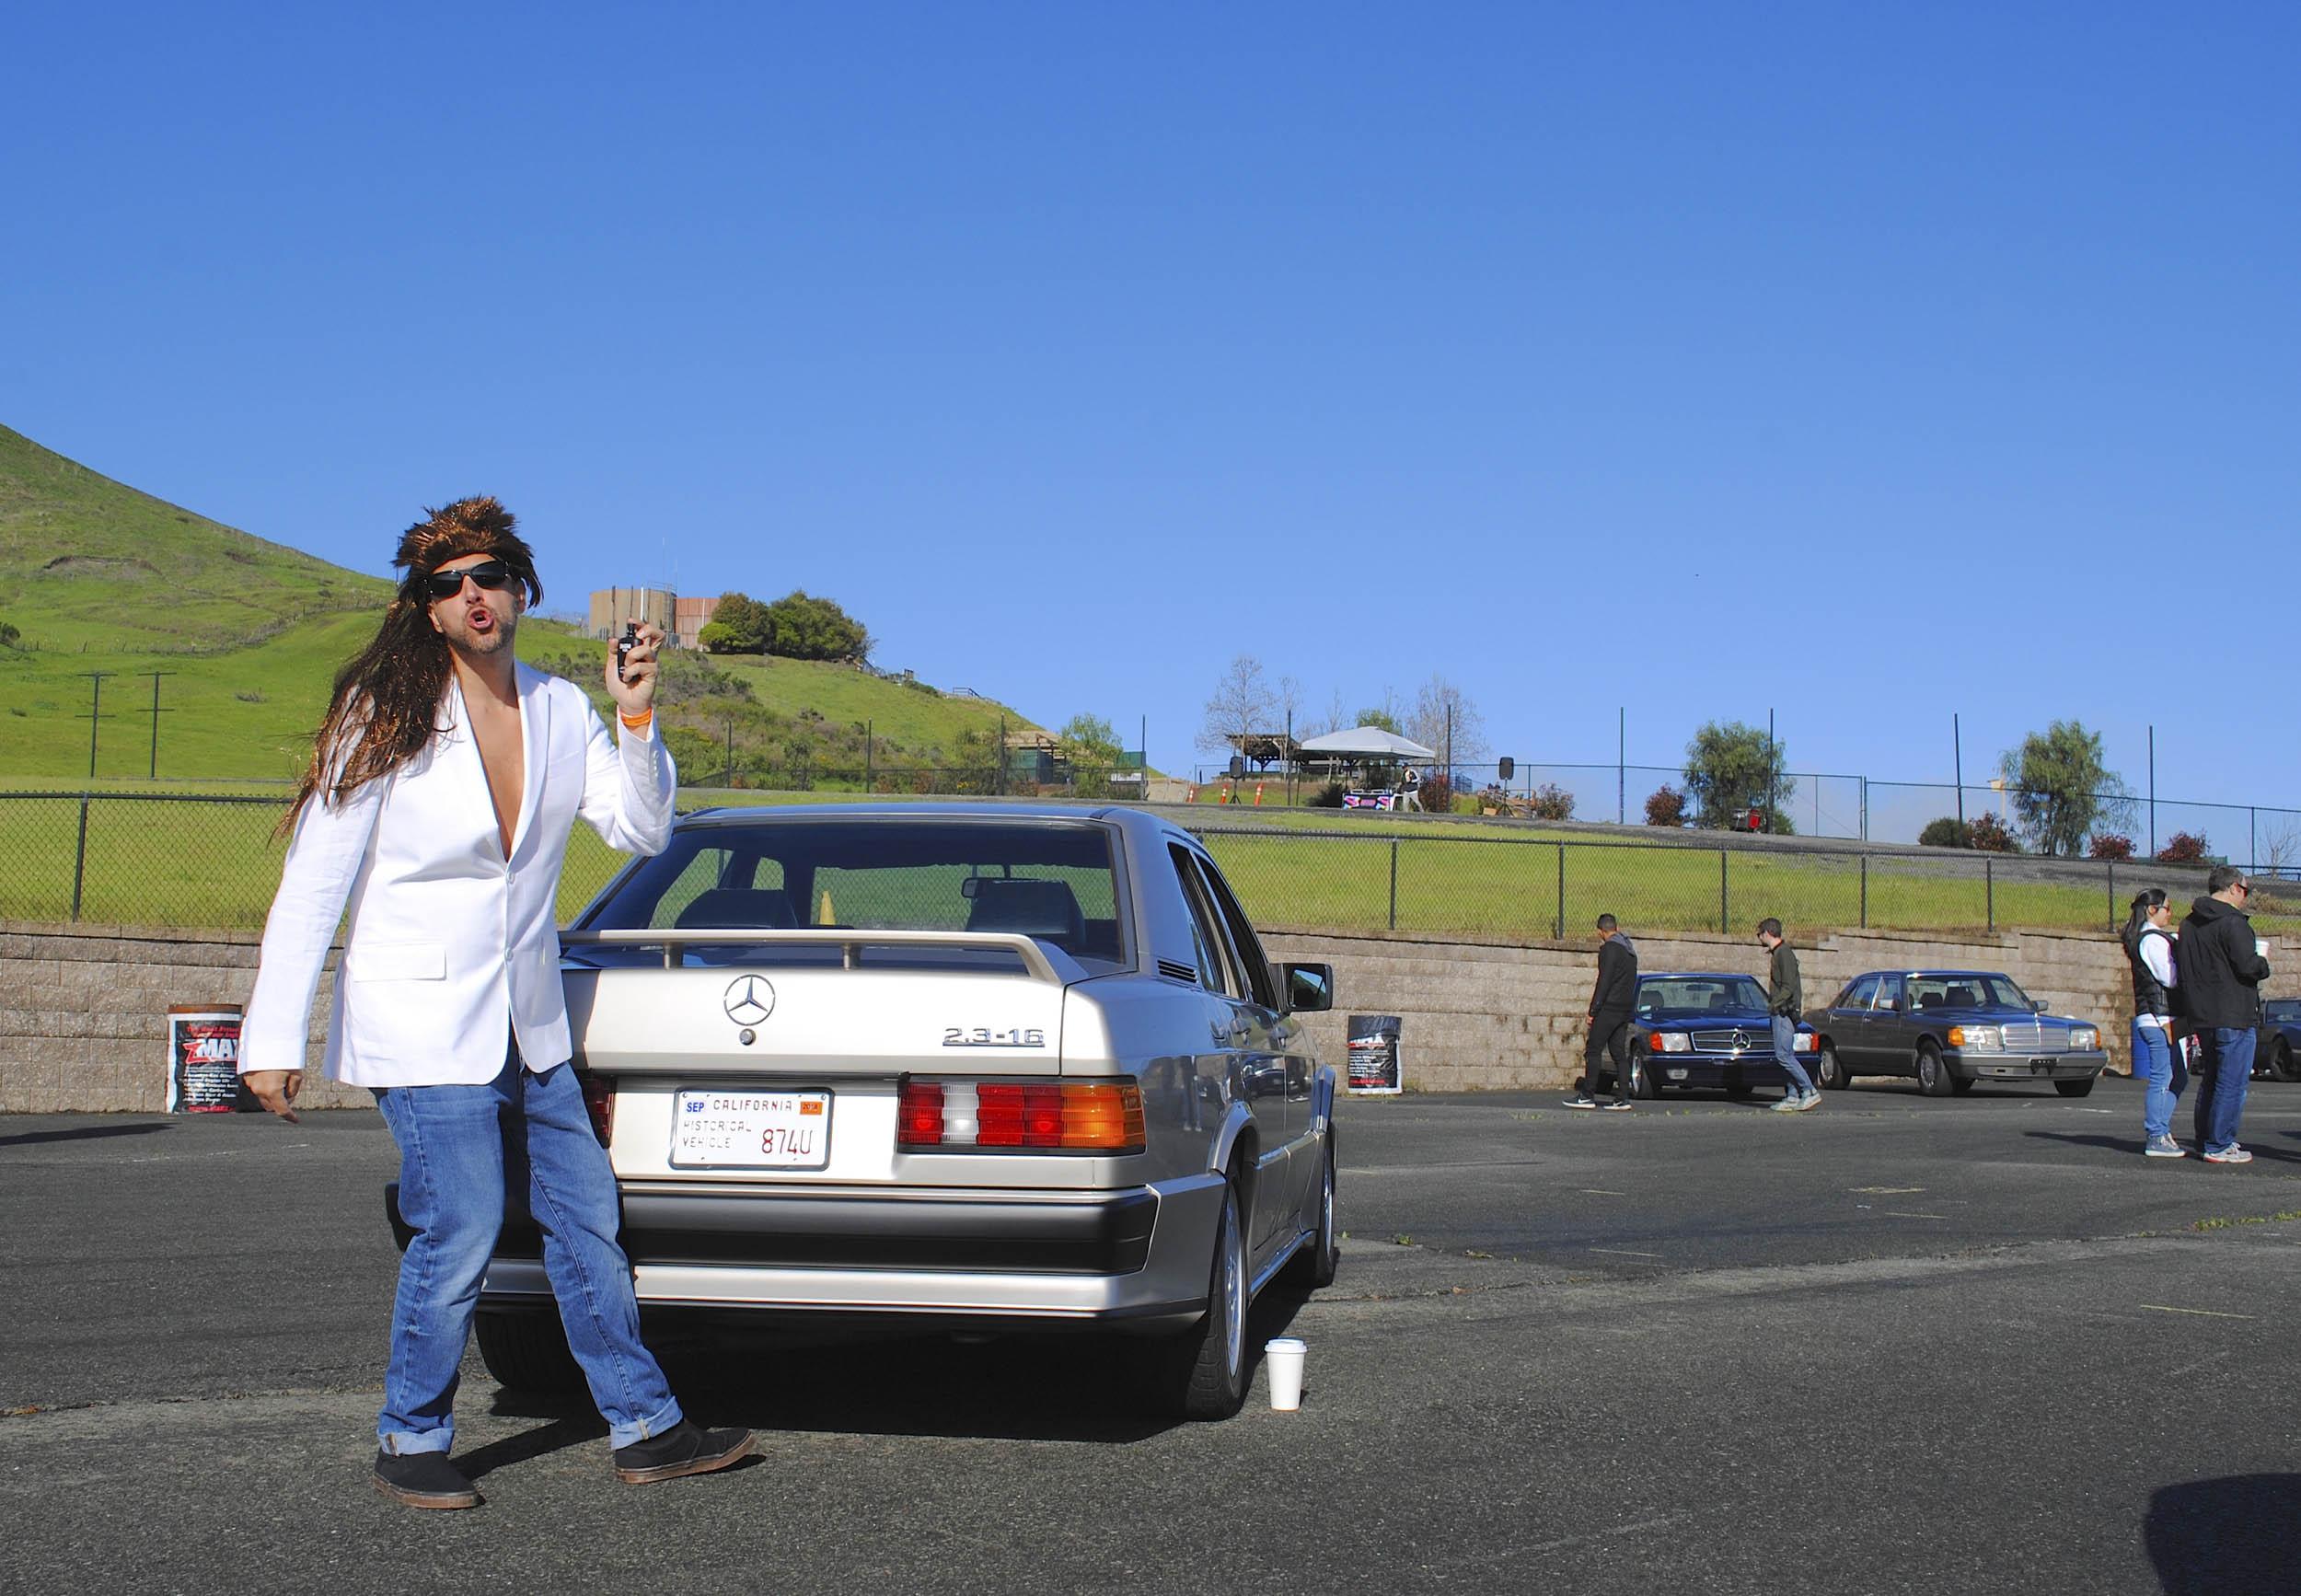 Radwood goer showing off his Mercedes-Benz